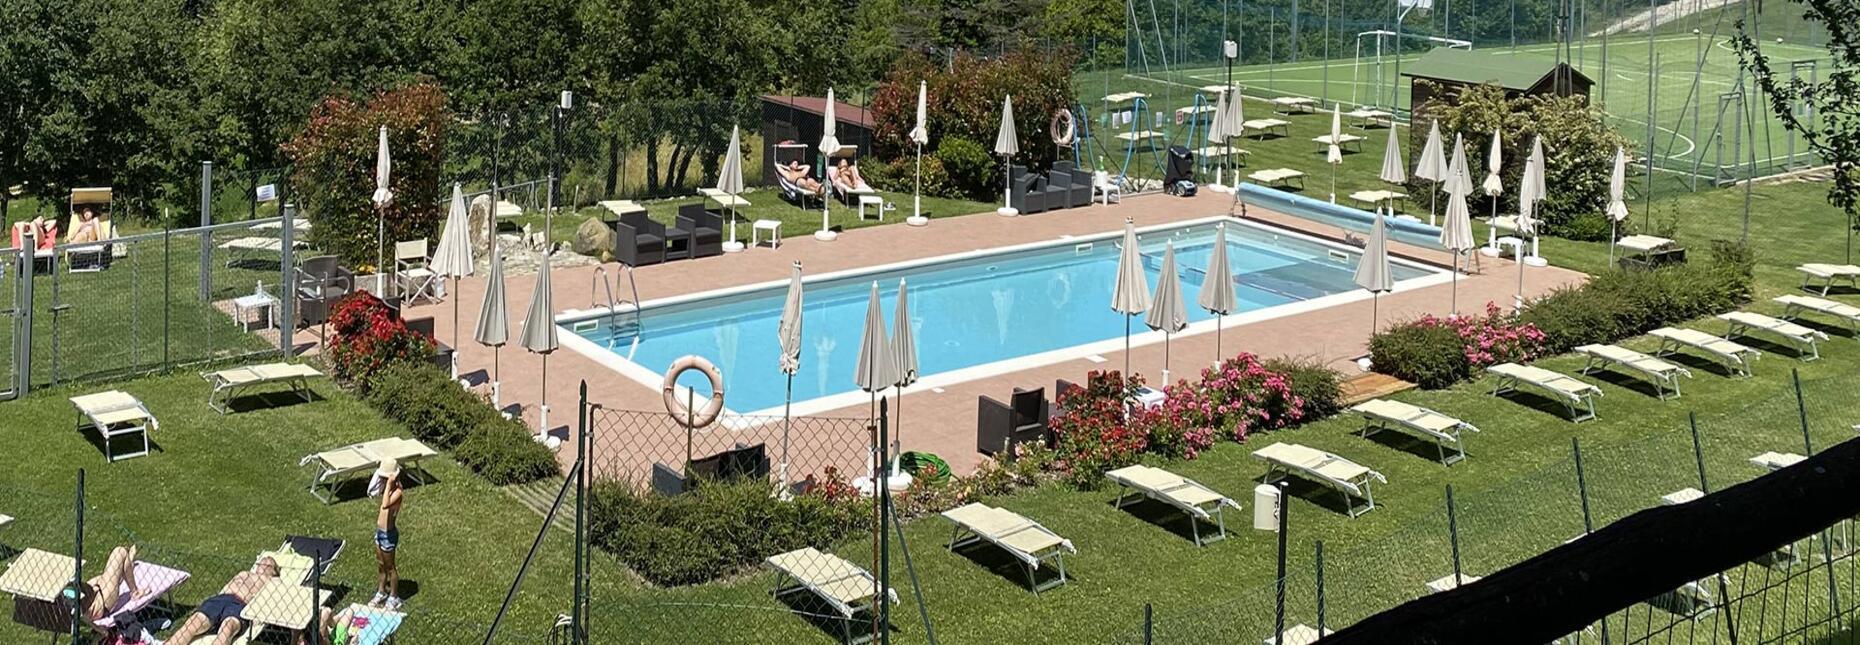 cadigianni it piscina 006